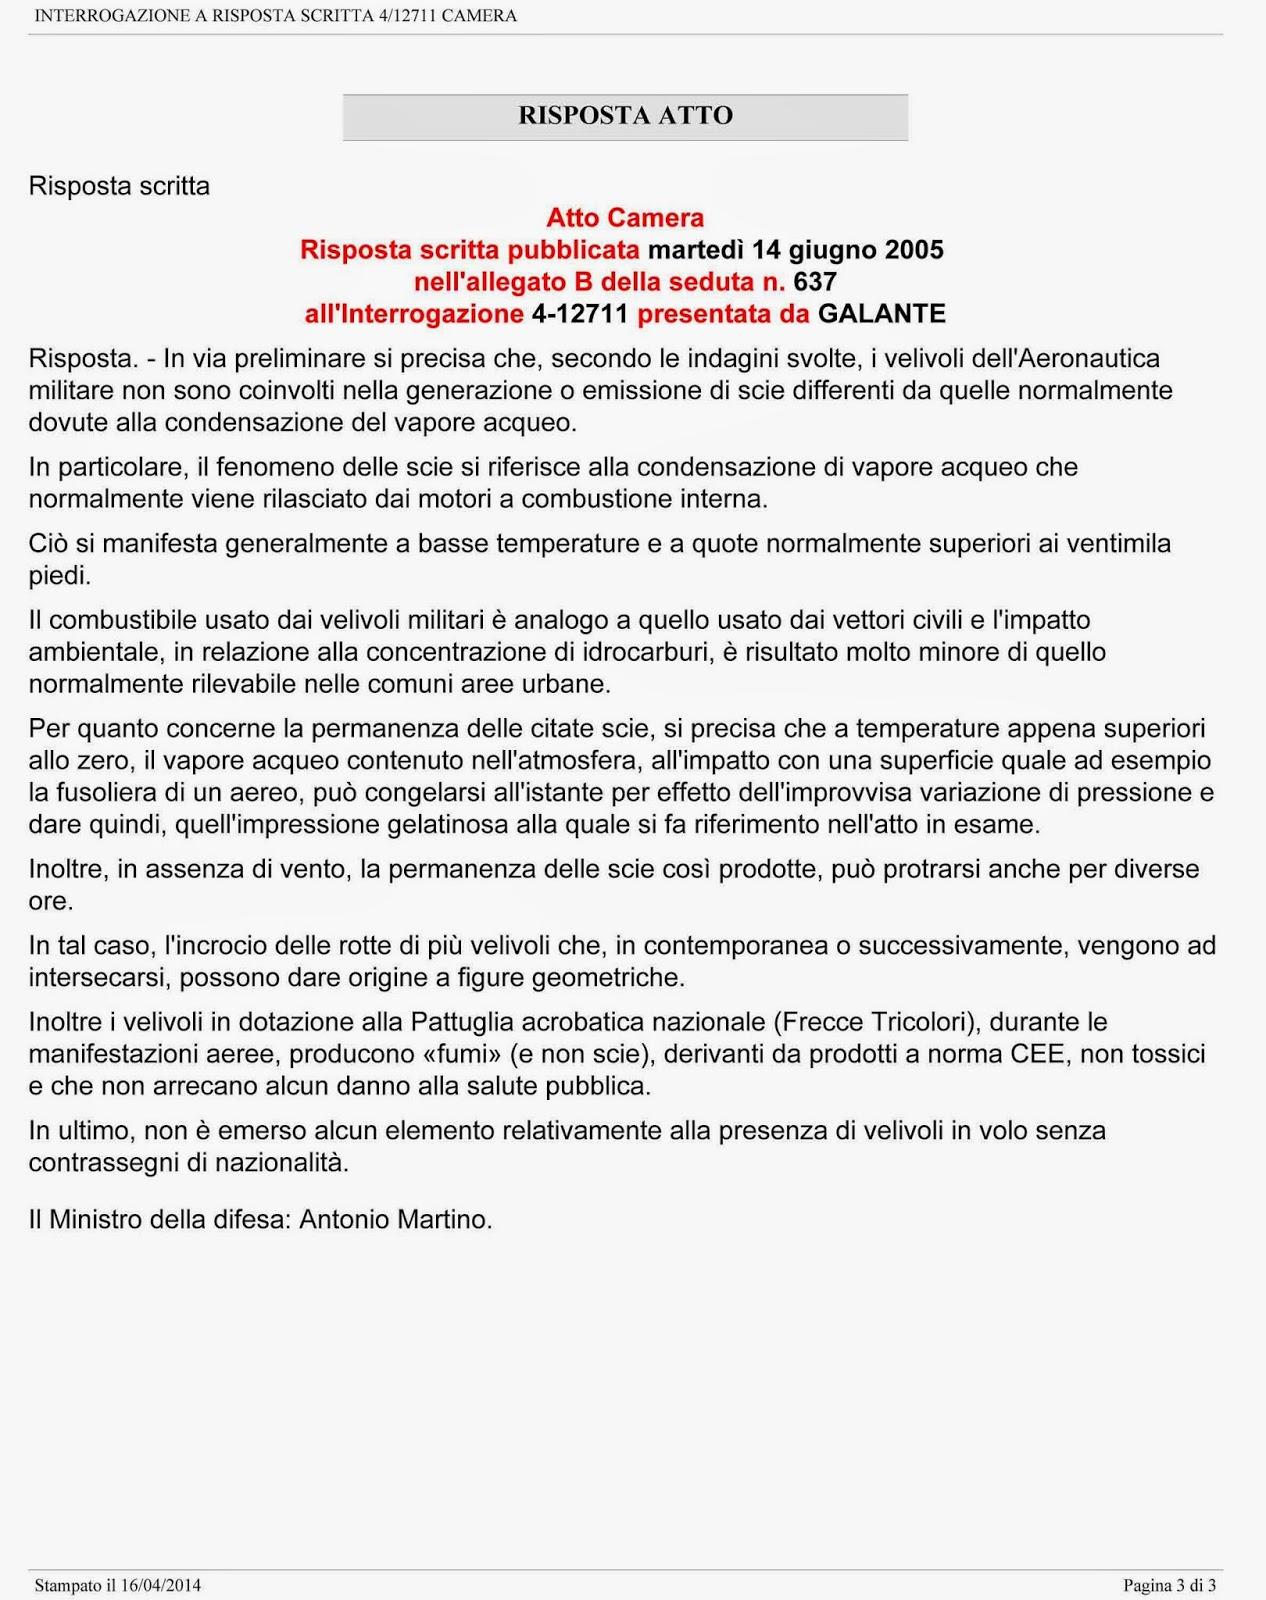 accordi segreti 11 laviadiuscita.net